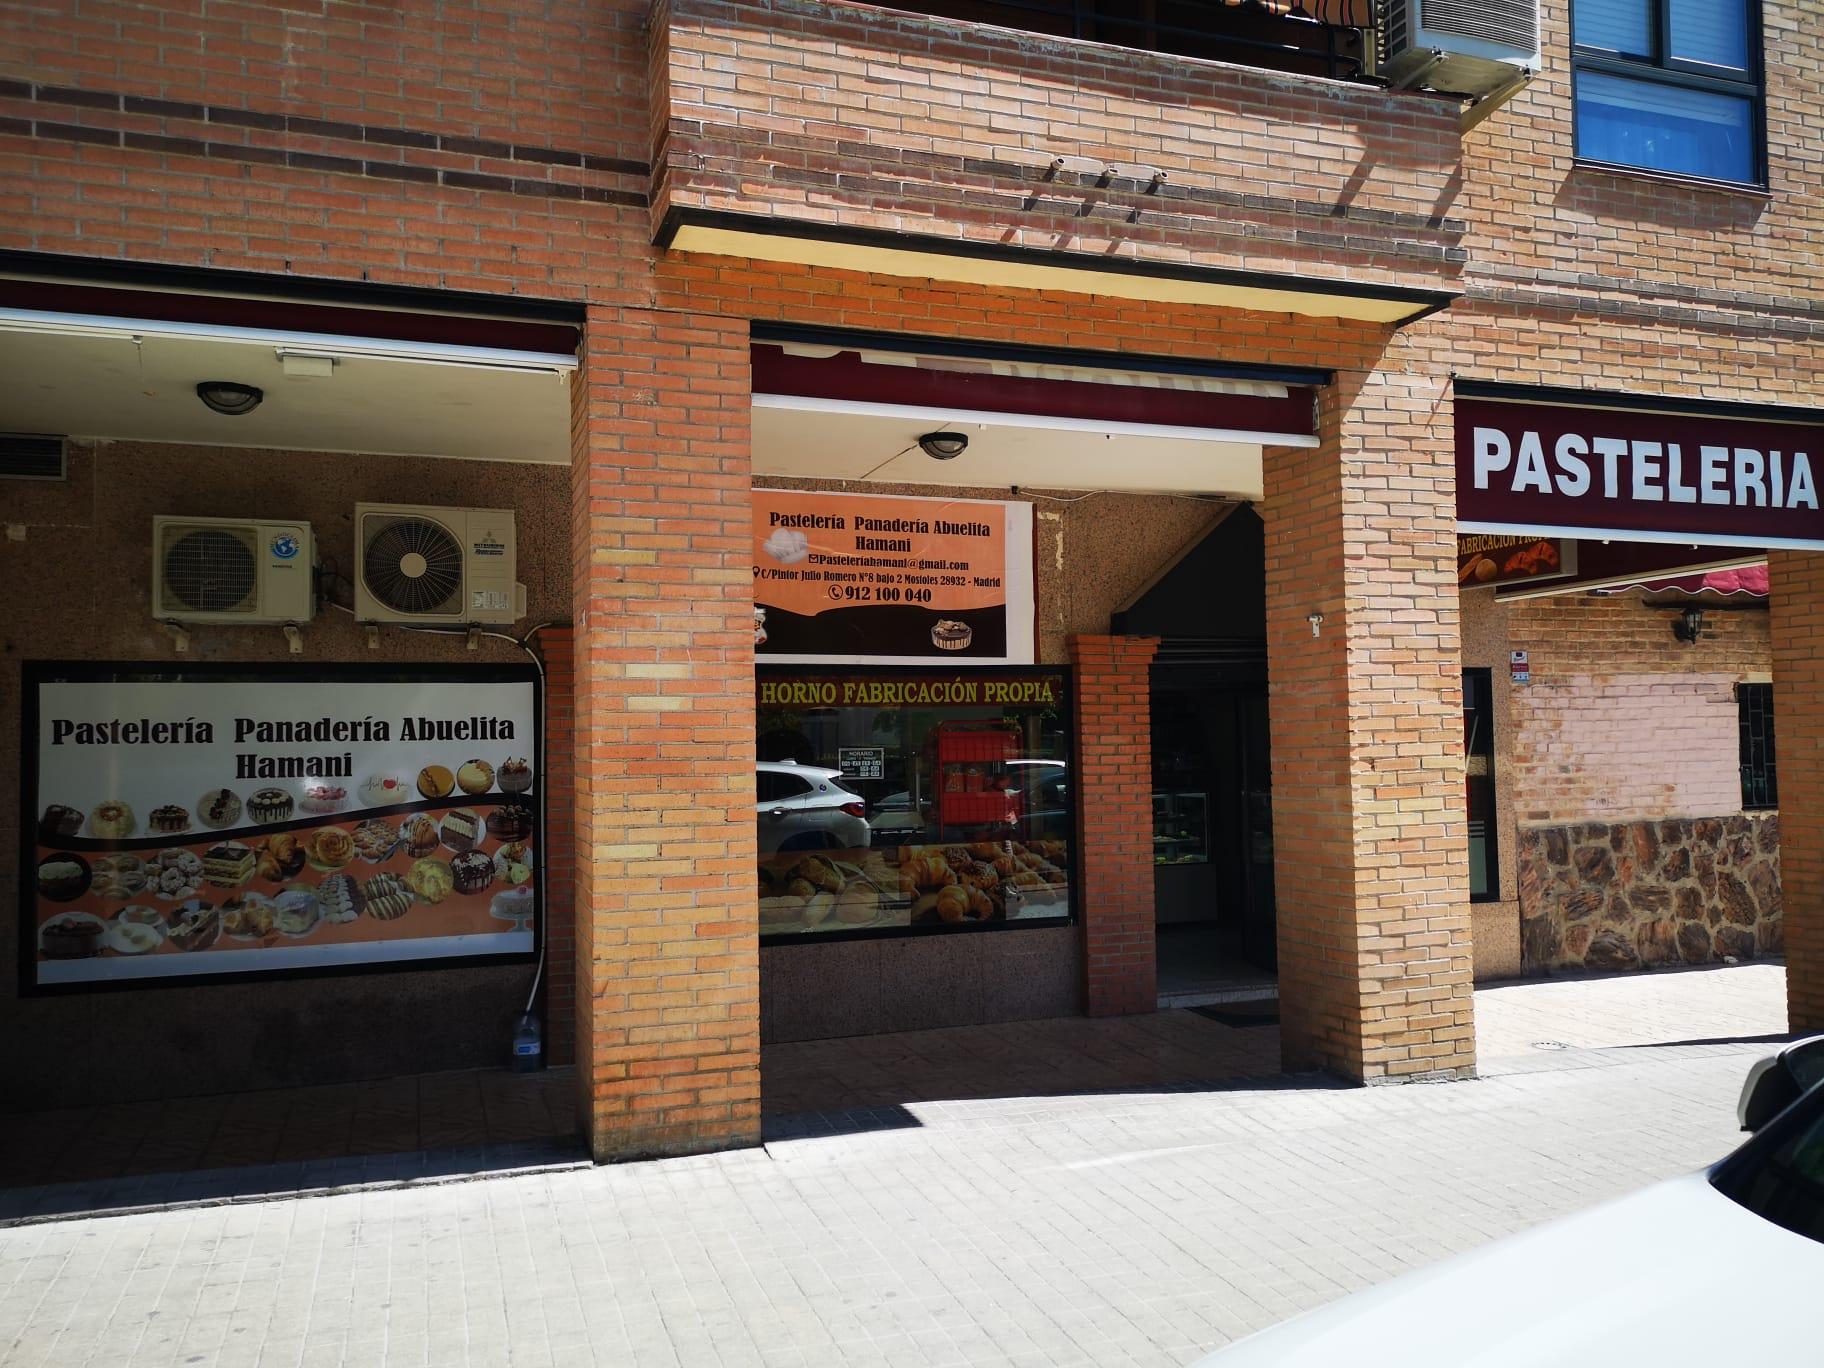 Pastelería Panadería Abuelita Hamani